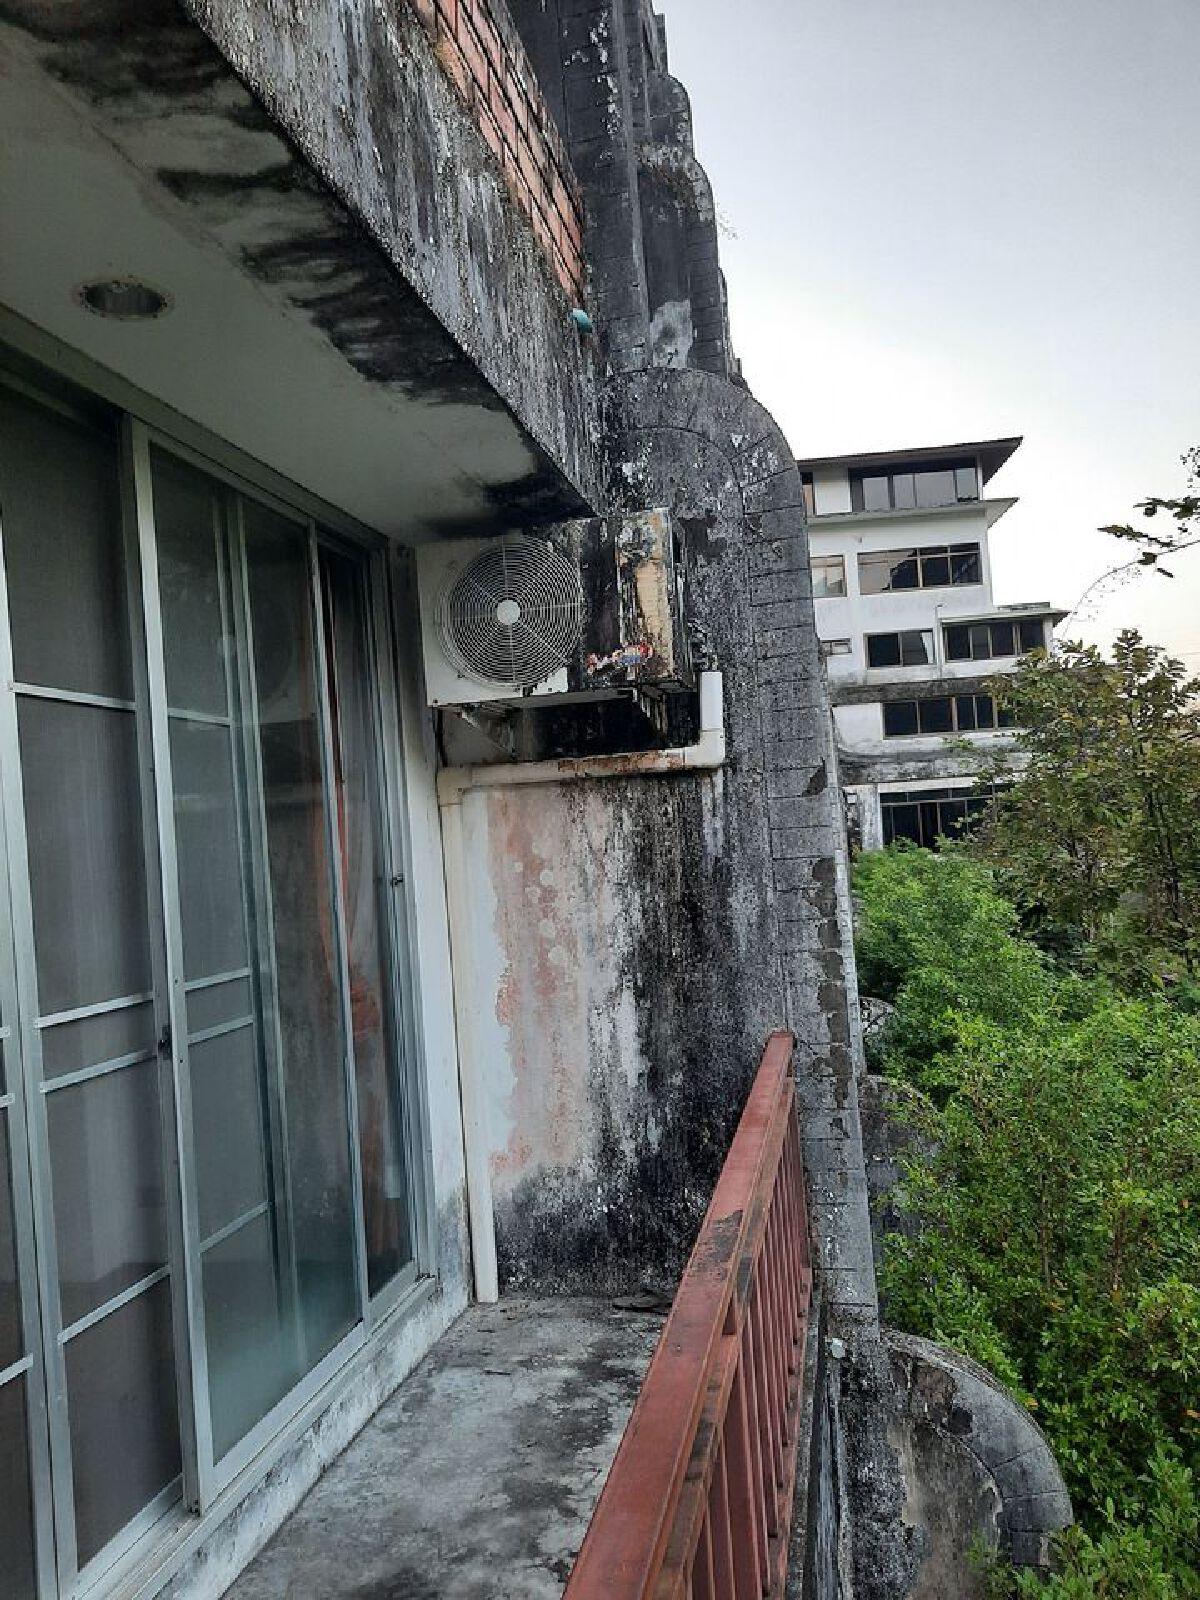 สยอง! หนุ่มรีวิวสถานที่กักตัววันแรก เหมือนตึกร้างไม่มีไฟ-ไม่มีน้ำใช้